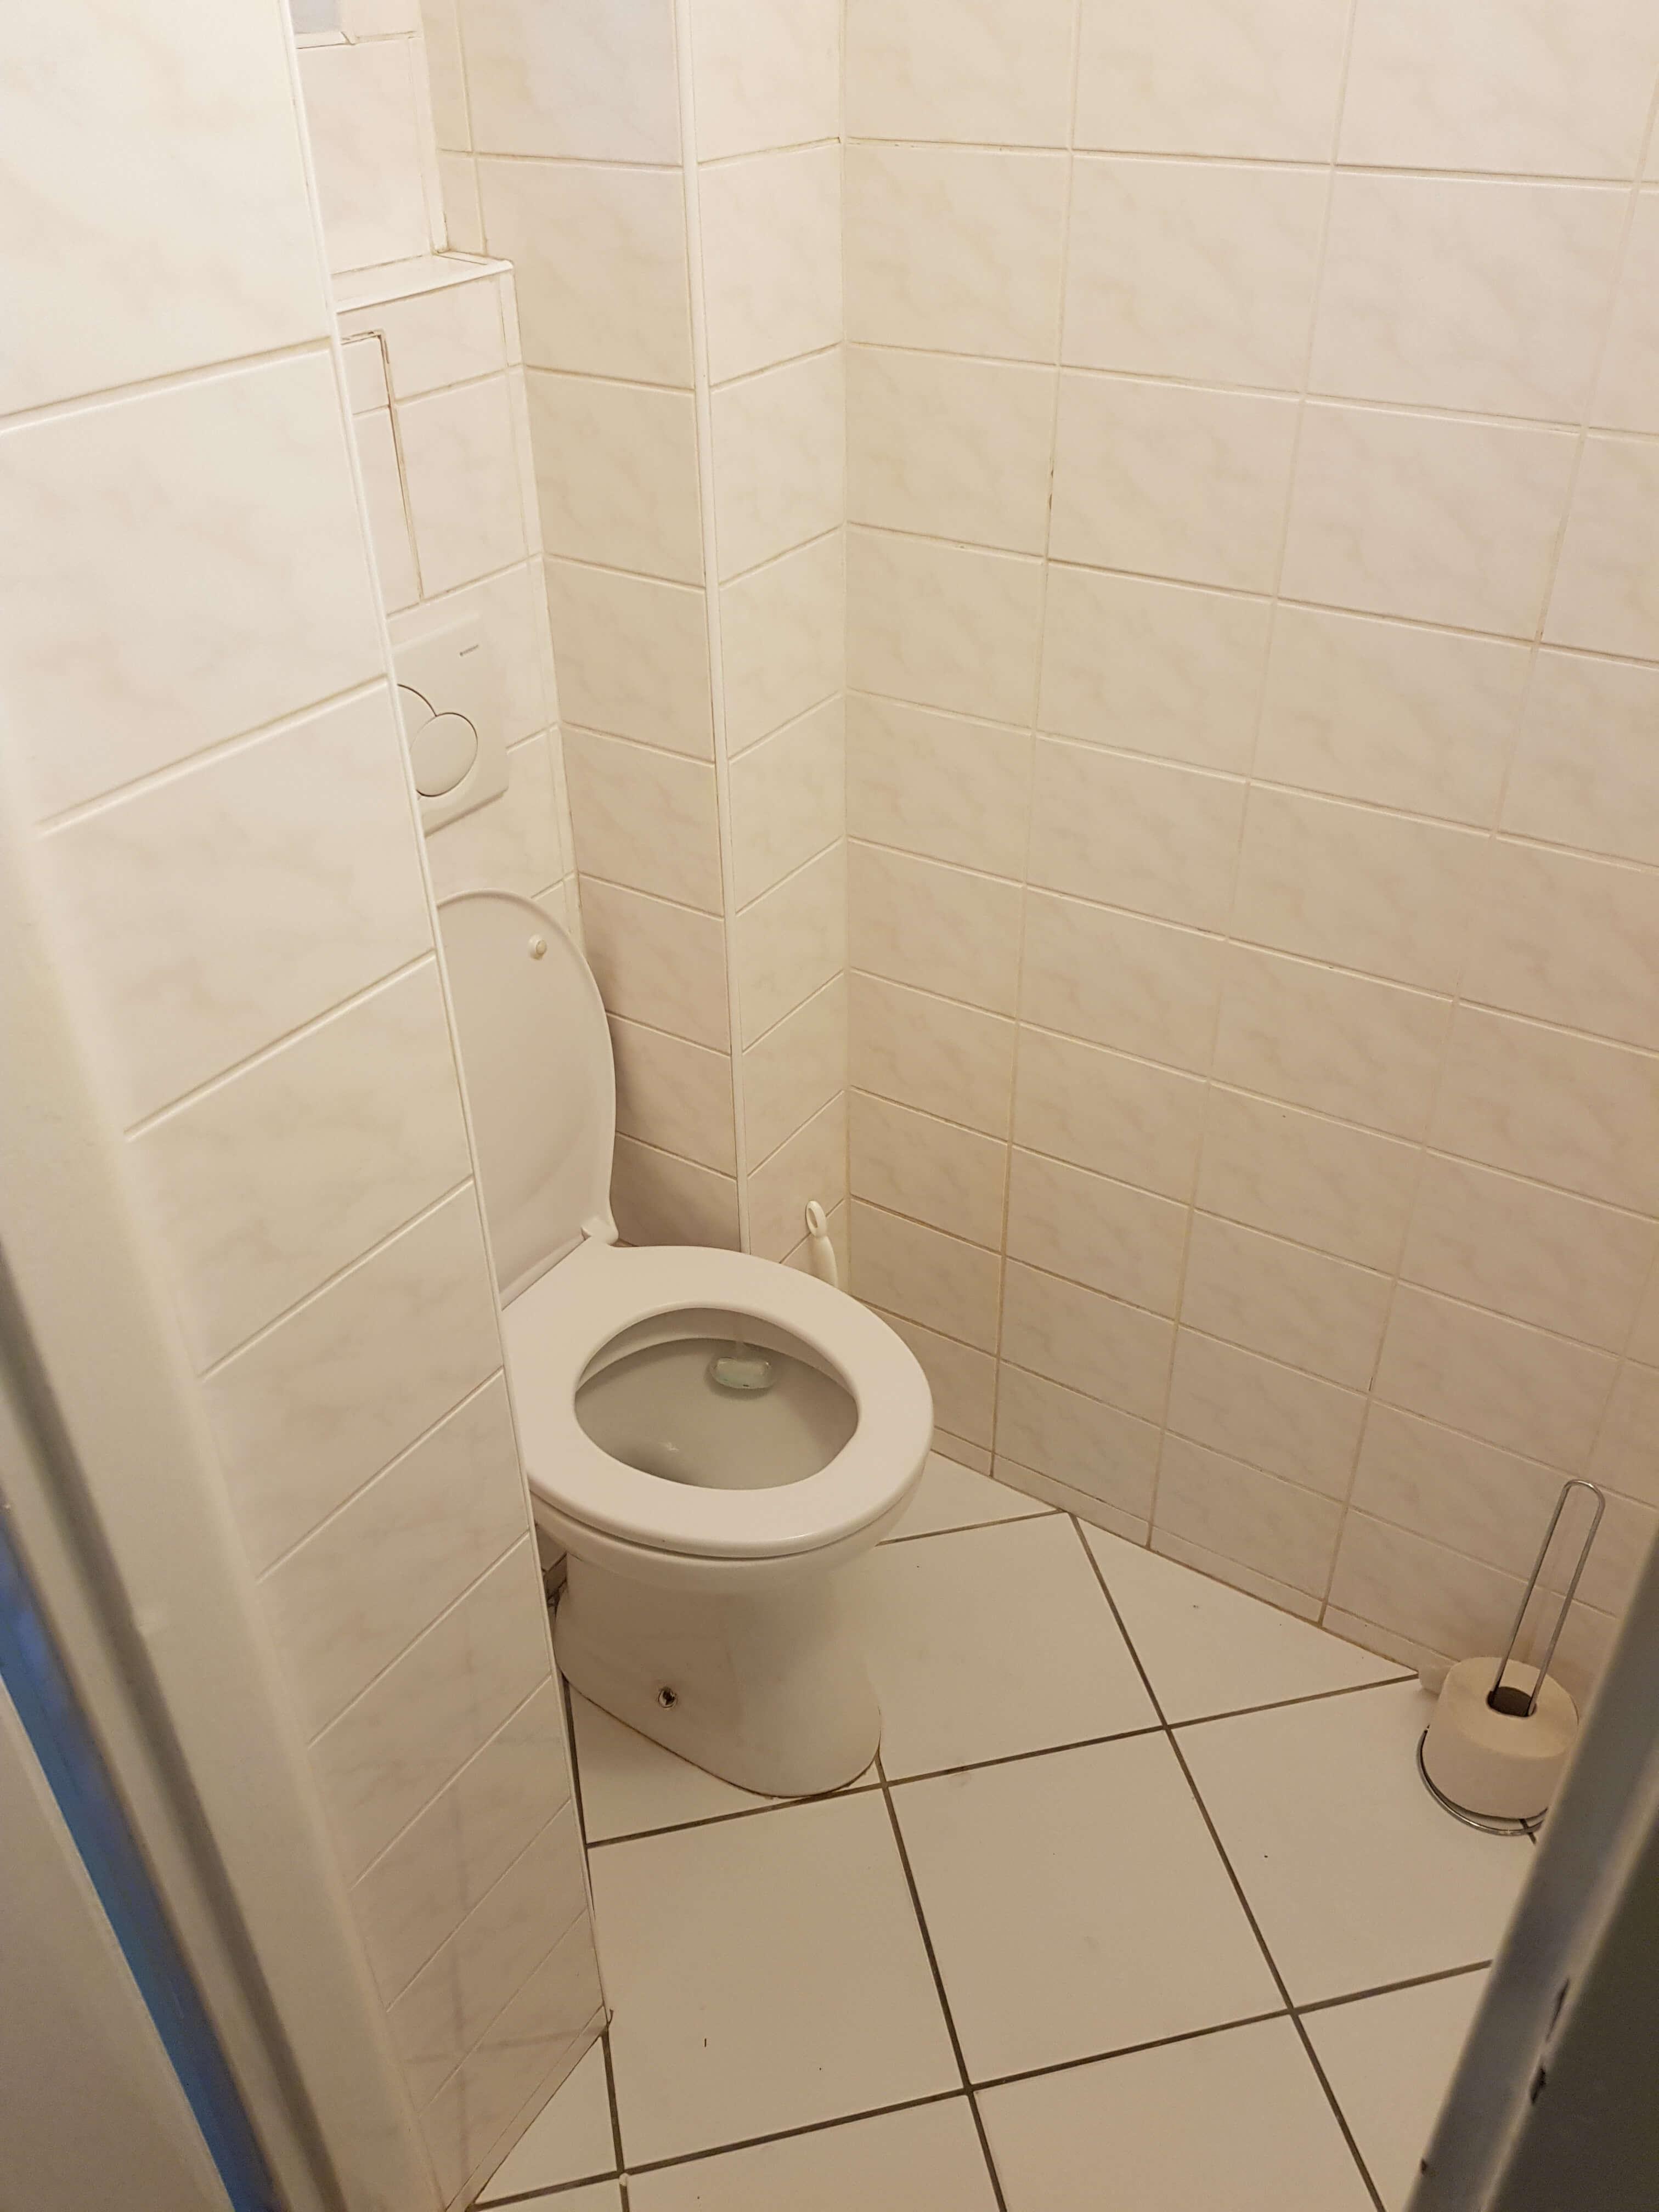 Prenájom jednej izby v 2 izb. byte, staré mesto, Šancová ulica, Bratislava, 80m2, zariadený-24